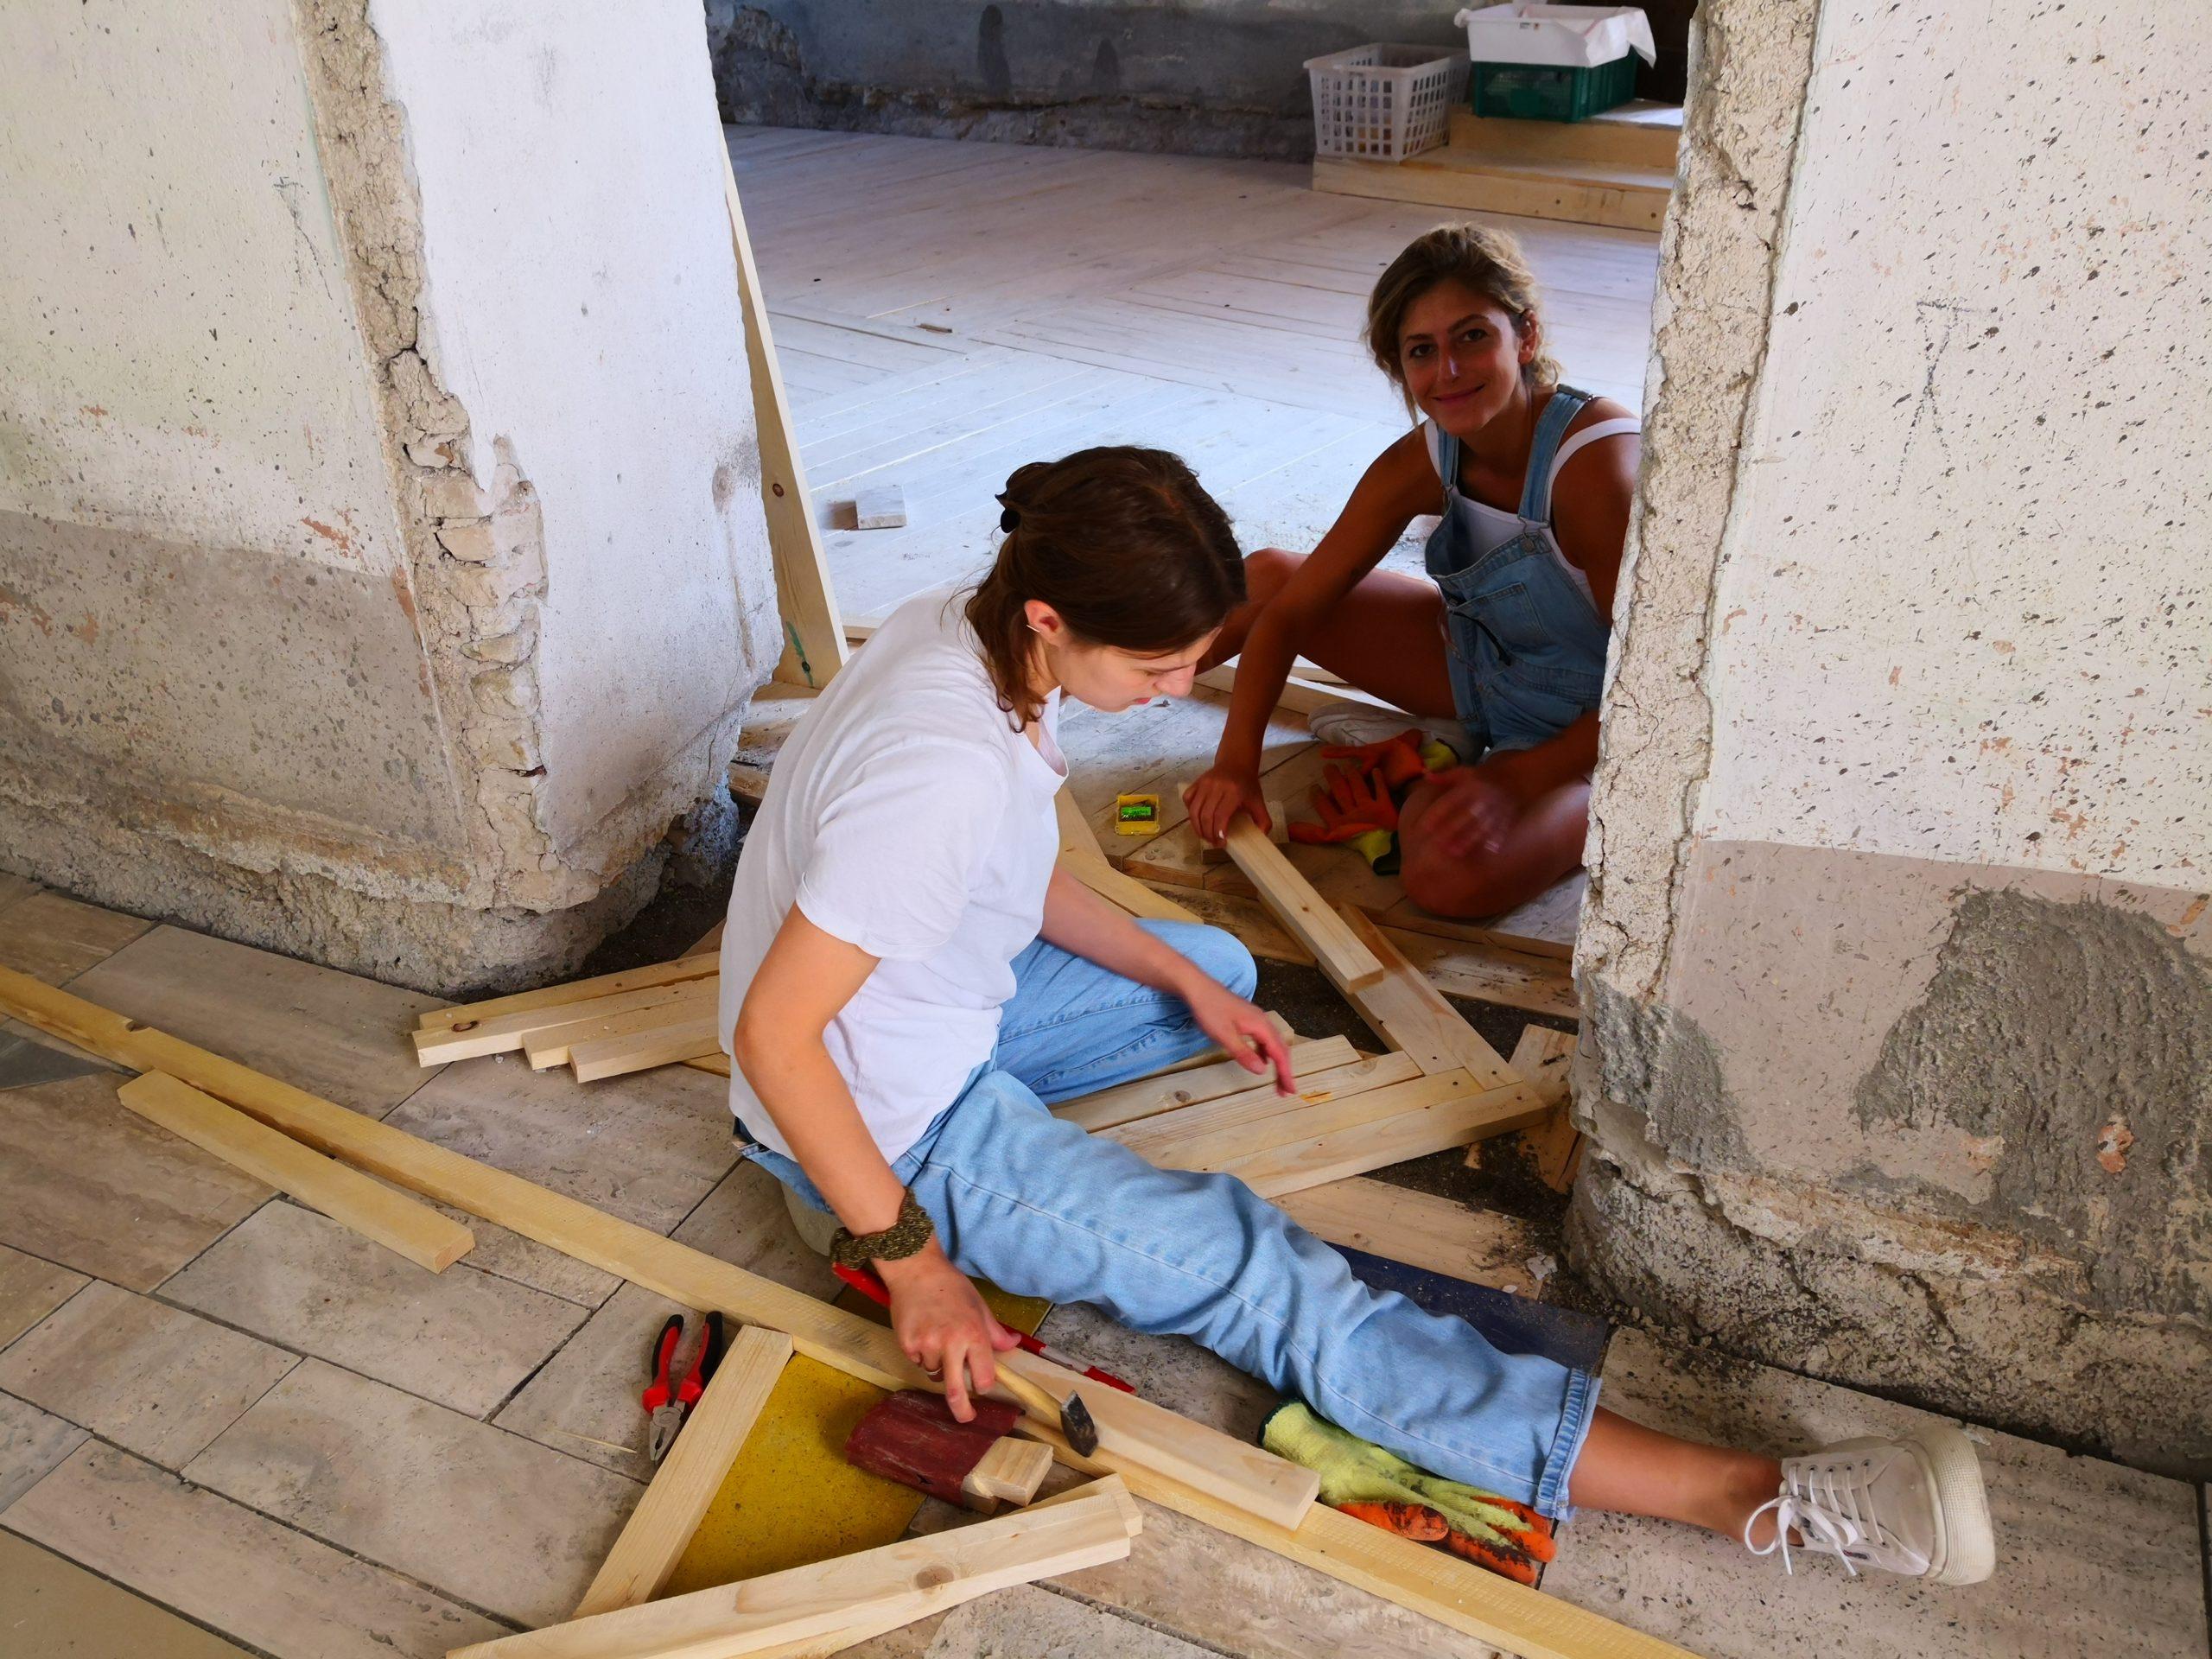 Costruzione dei pavimenti durante il workshop